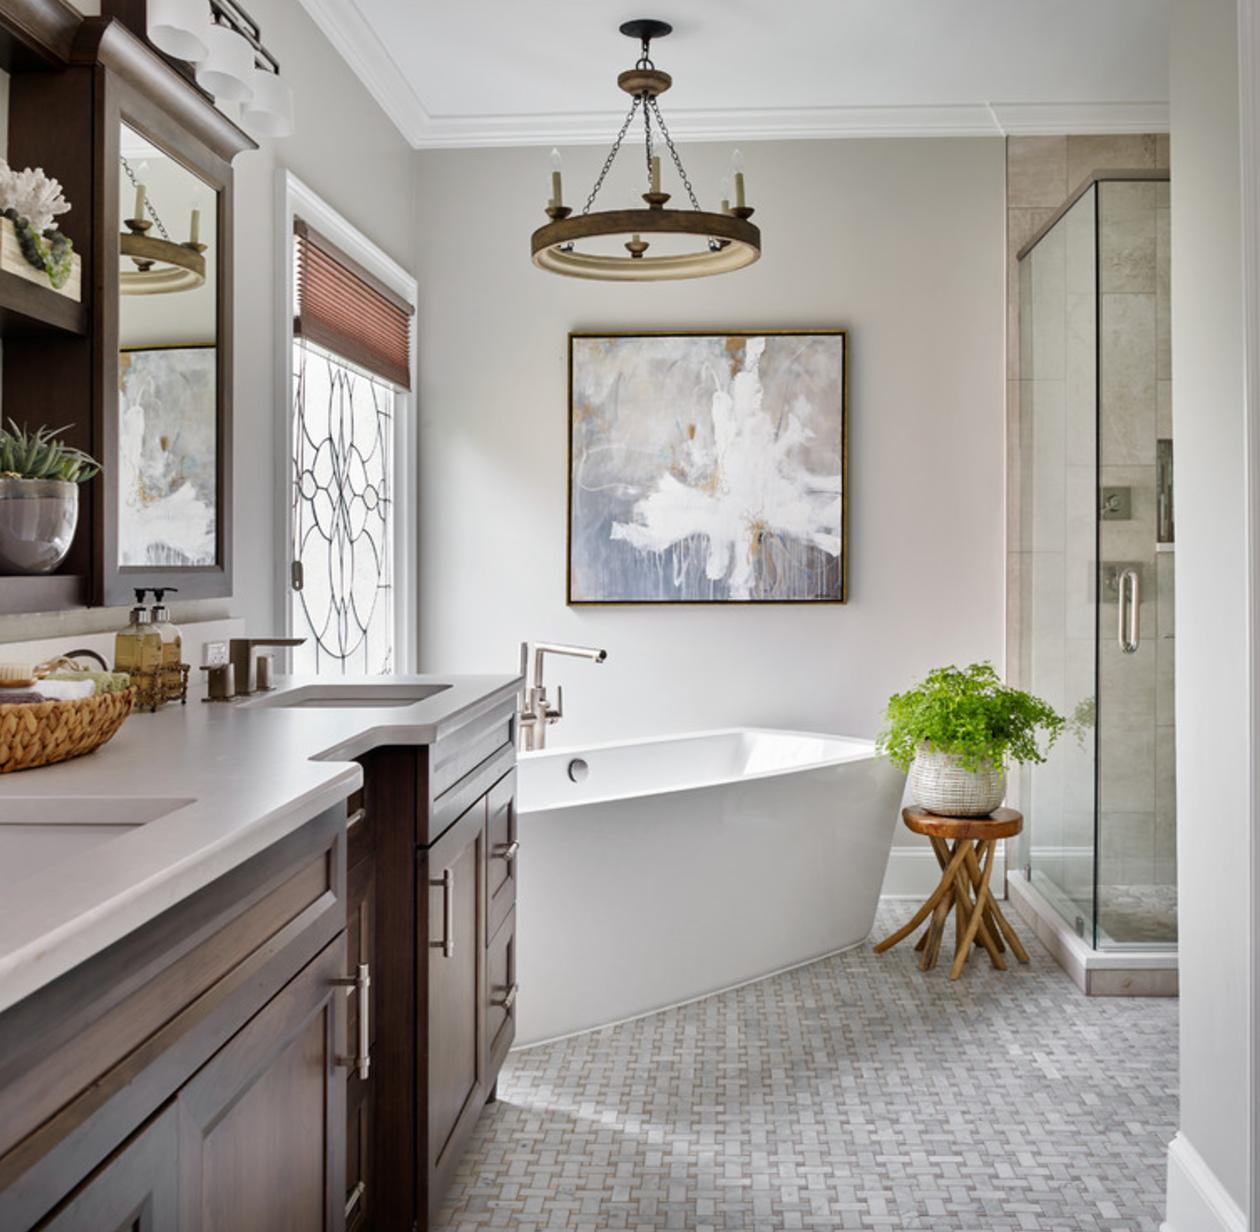 The new way to design your home! www.houzz.com | Bathroom Ideas ...